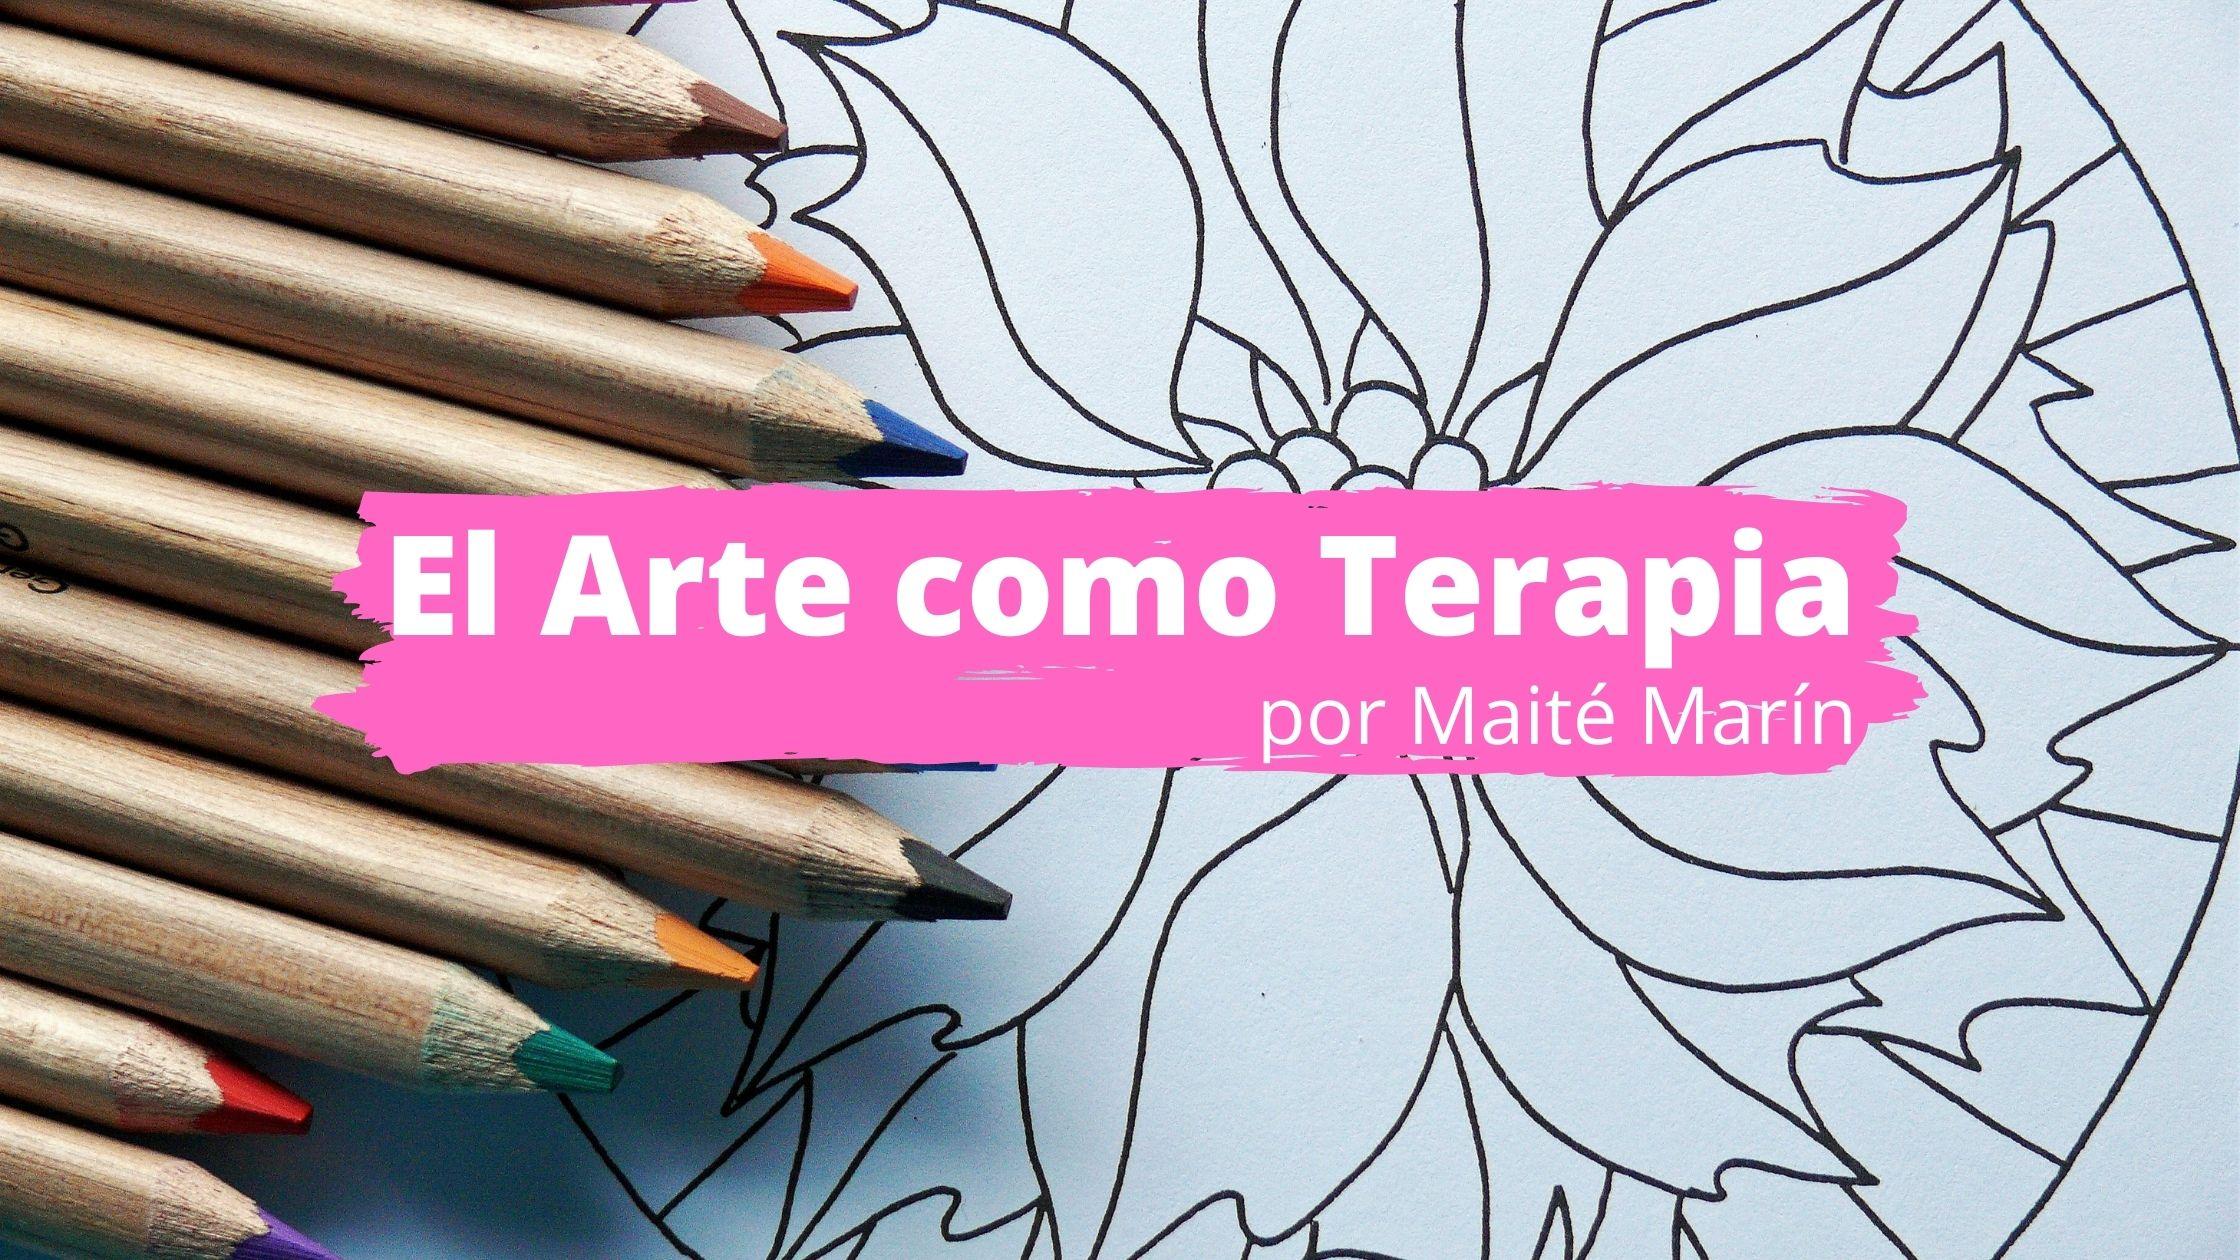 El Arte como Terapia